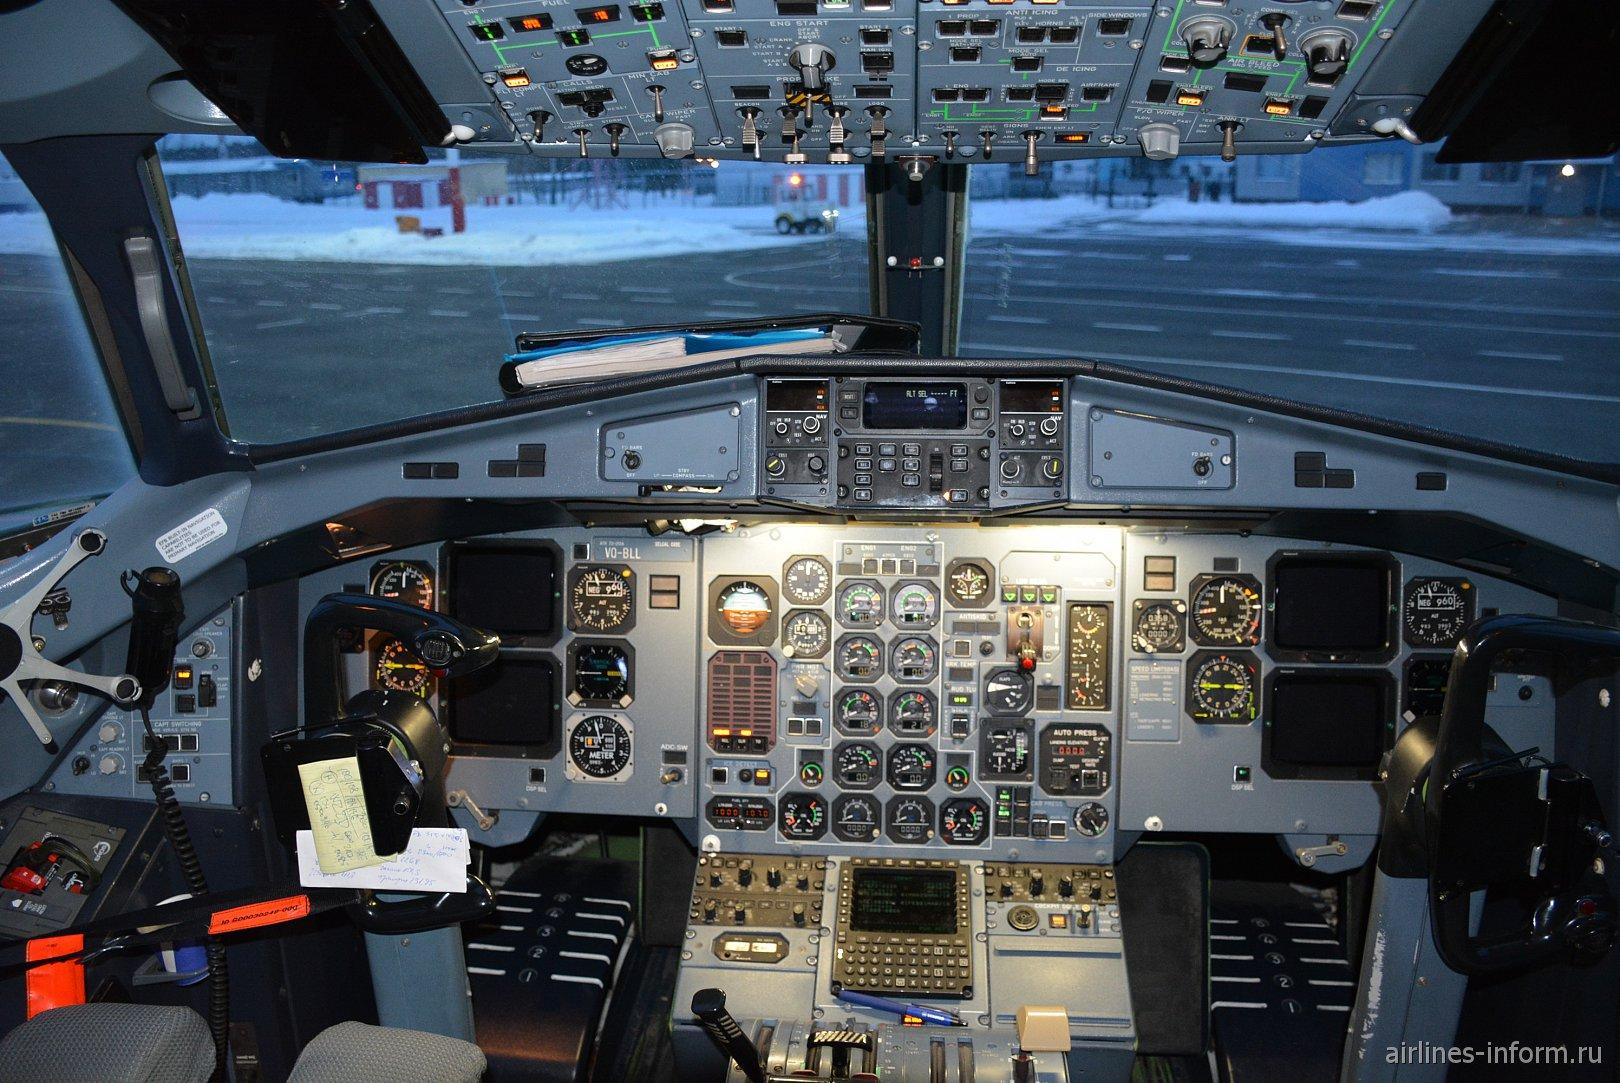 Пилотская кабина самолета ATR 72 авиакомпании Utair